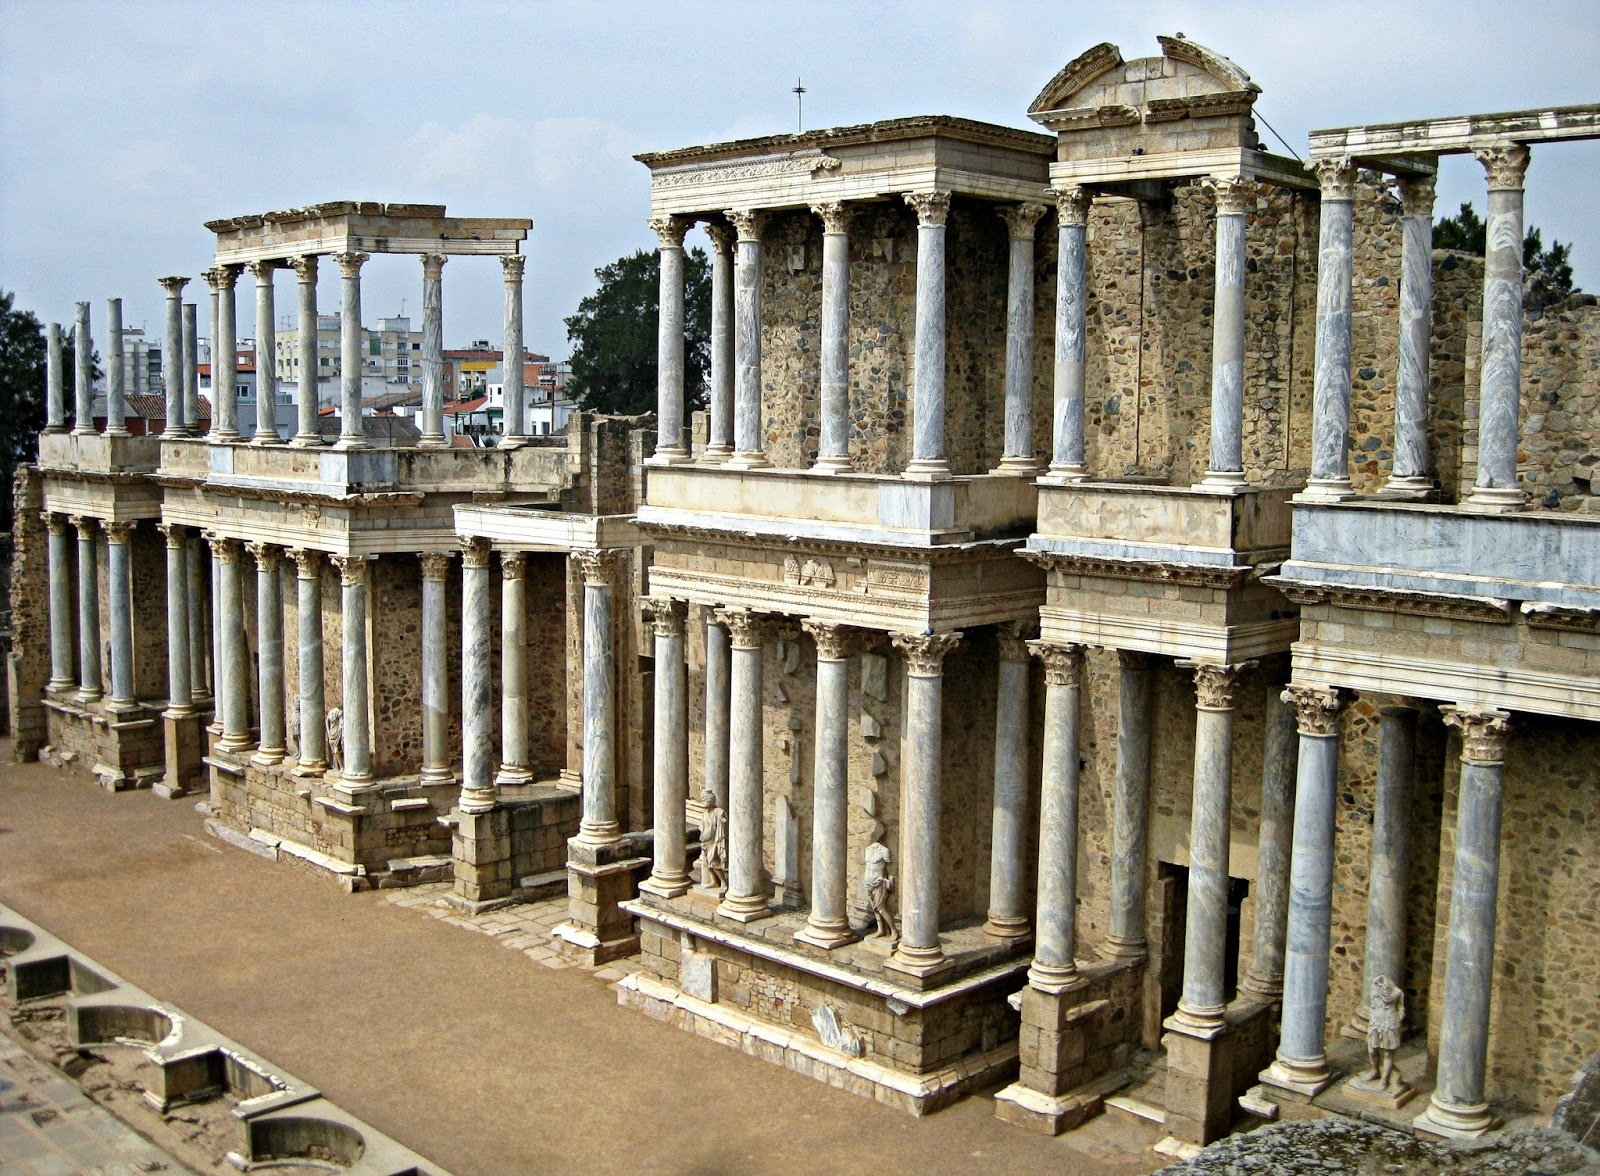 Boda Teatro Romano Merida : Las imágenes que yo veo teatro romano de mérida después